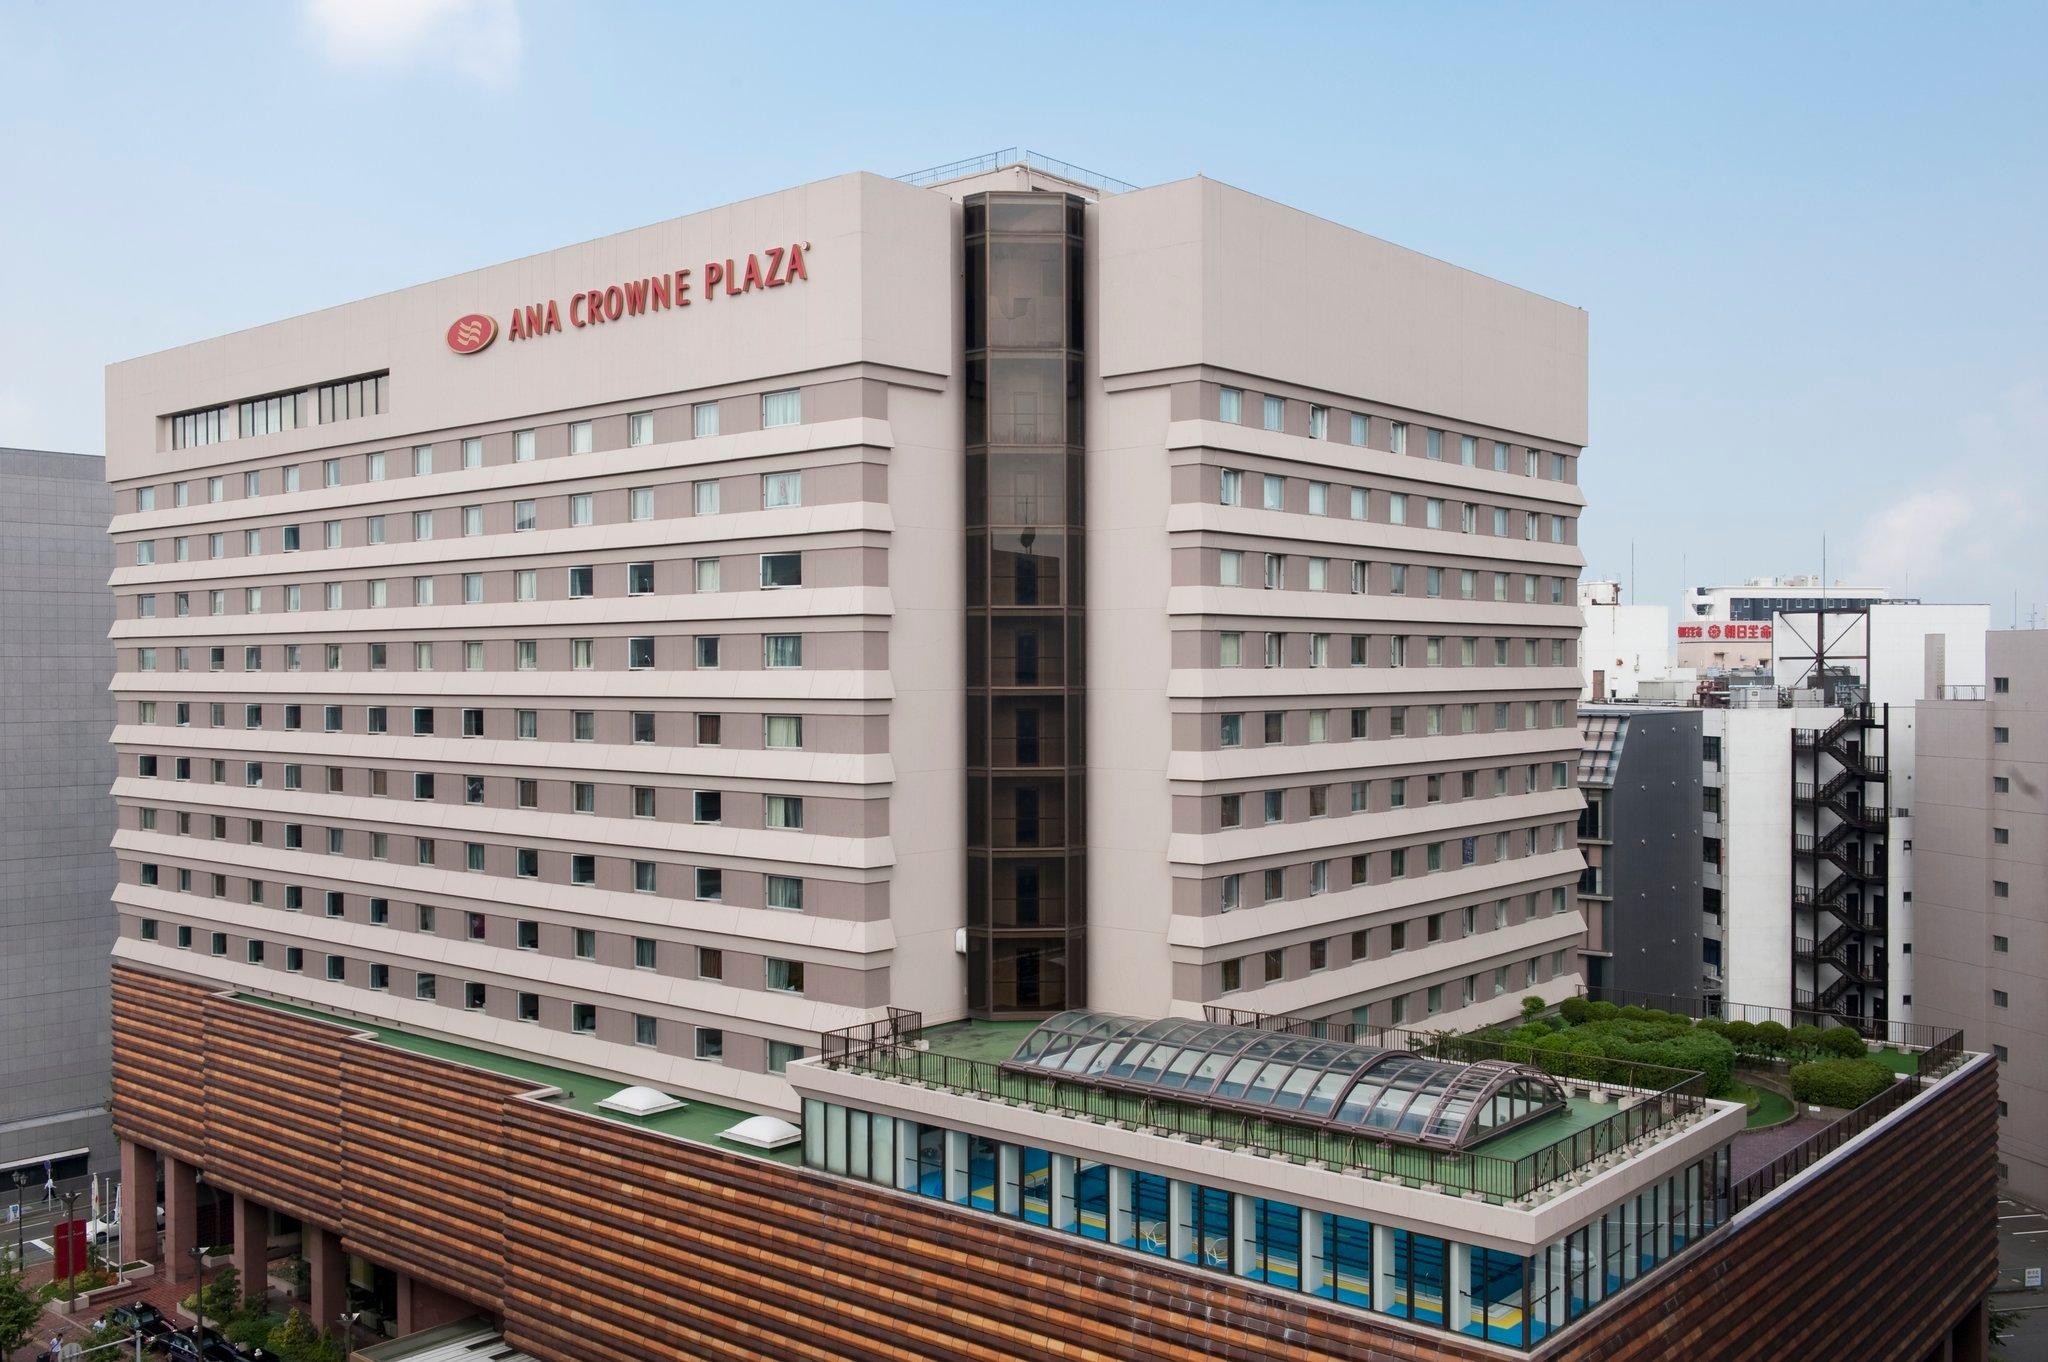 ANA Crowne Plaza Fukuoka